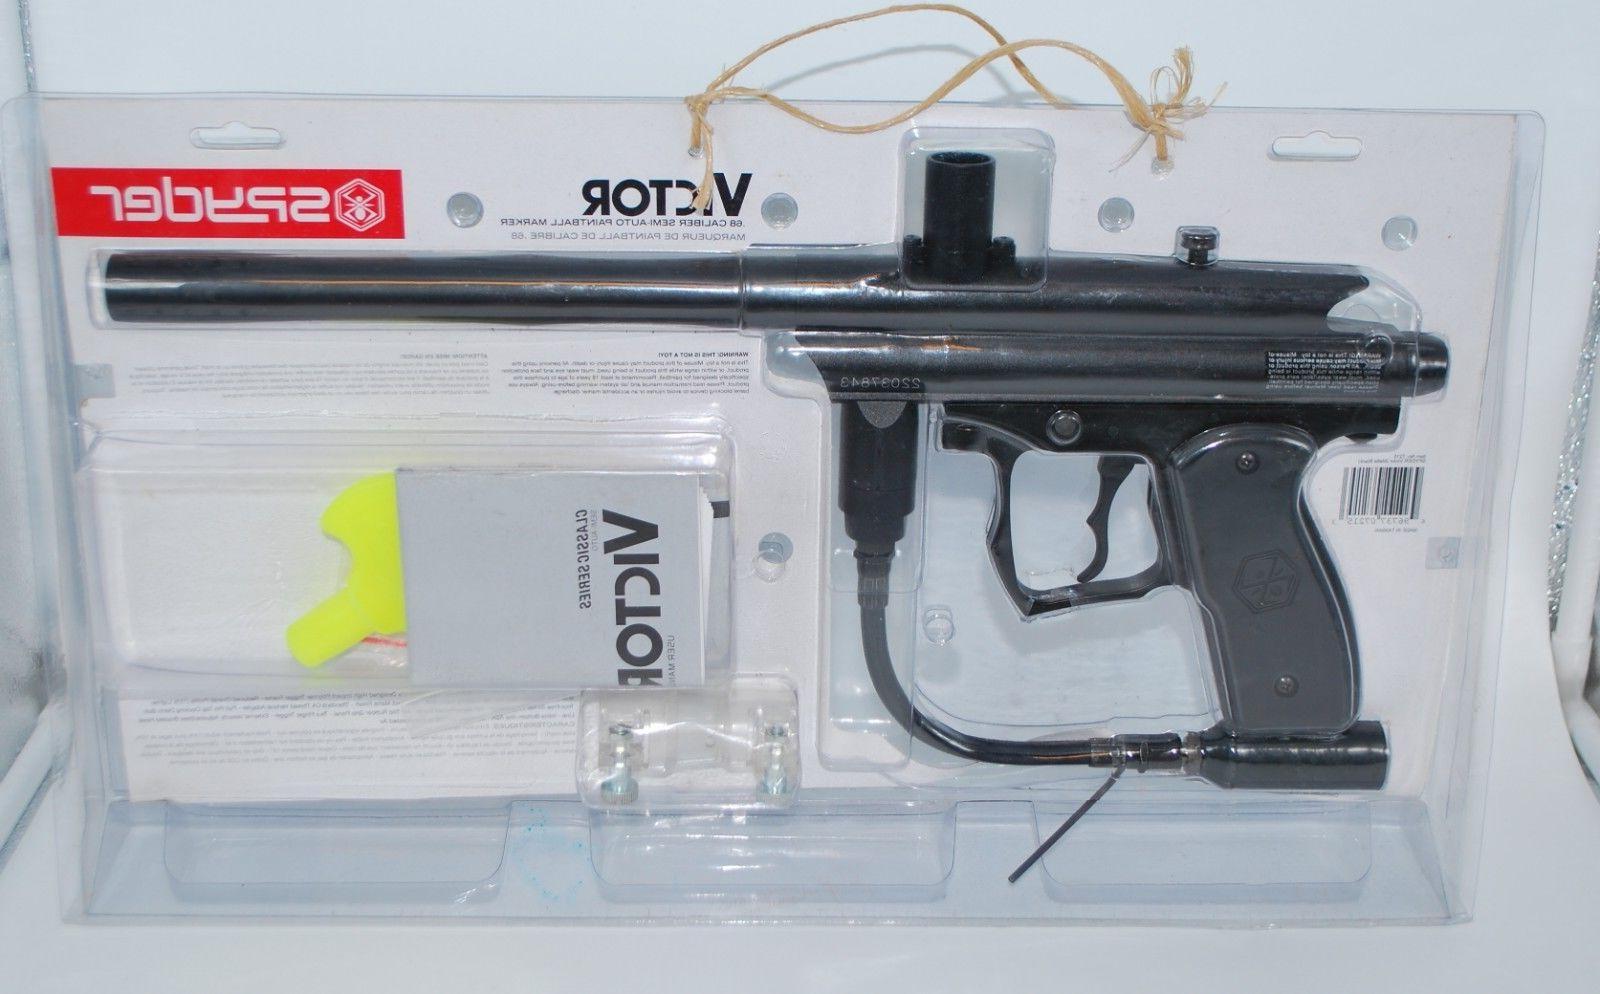 Kingman Spyder Victor .68 Caliber Semi-Auto Paintball Marker Gun, 2009